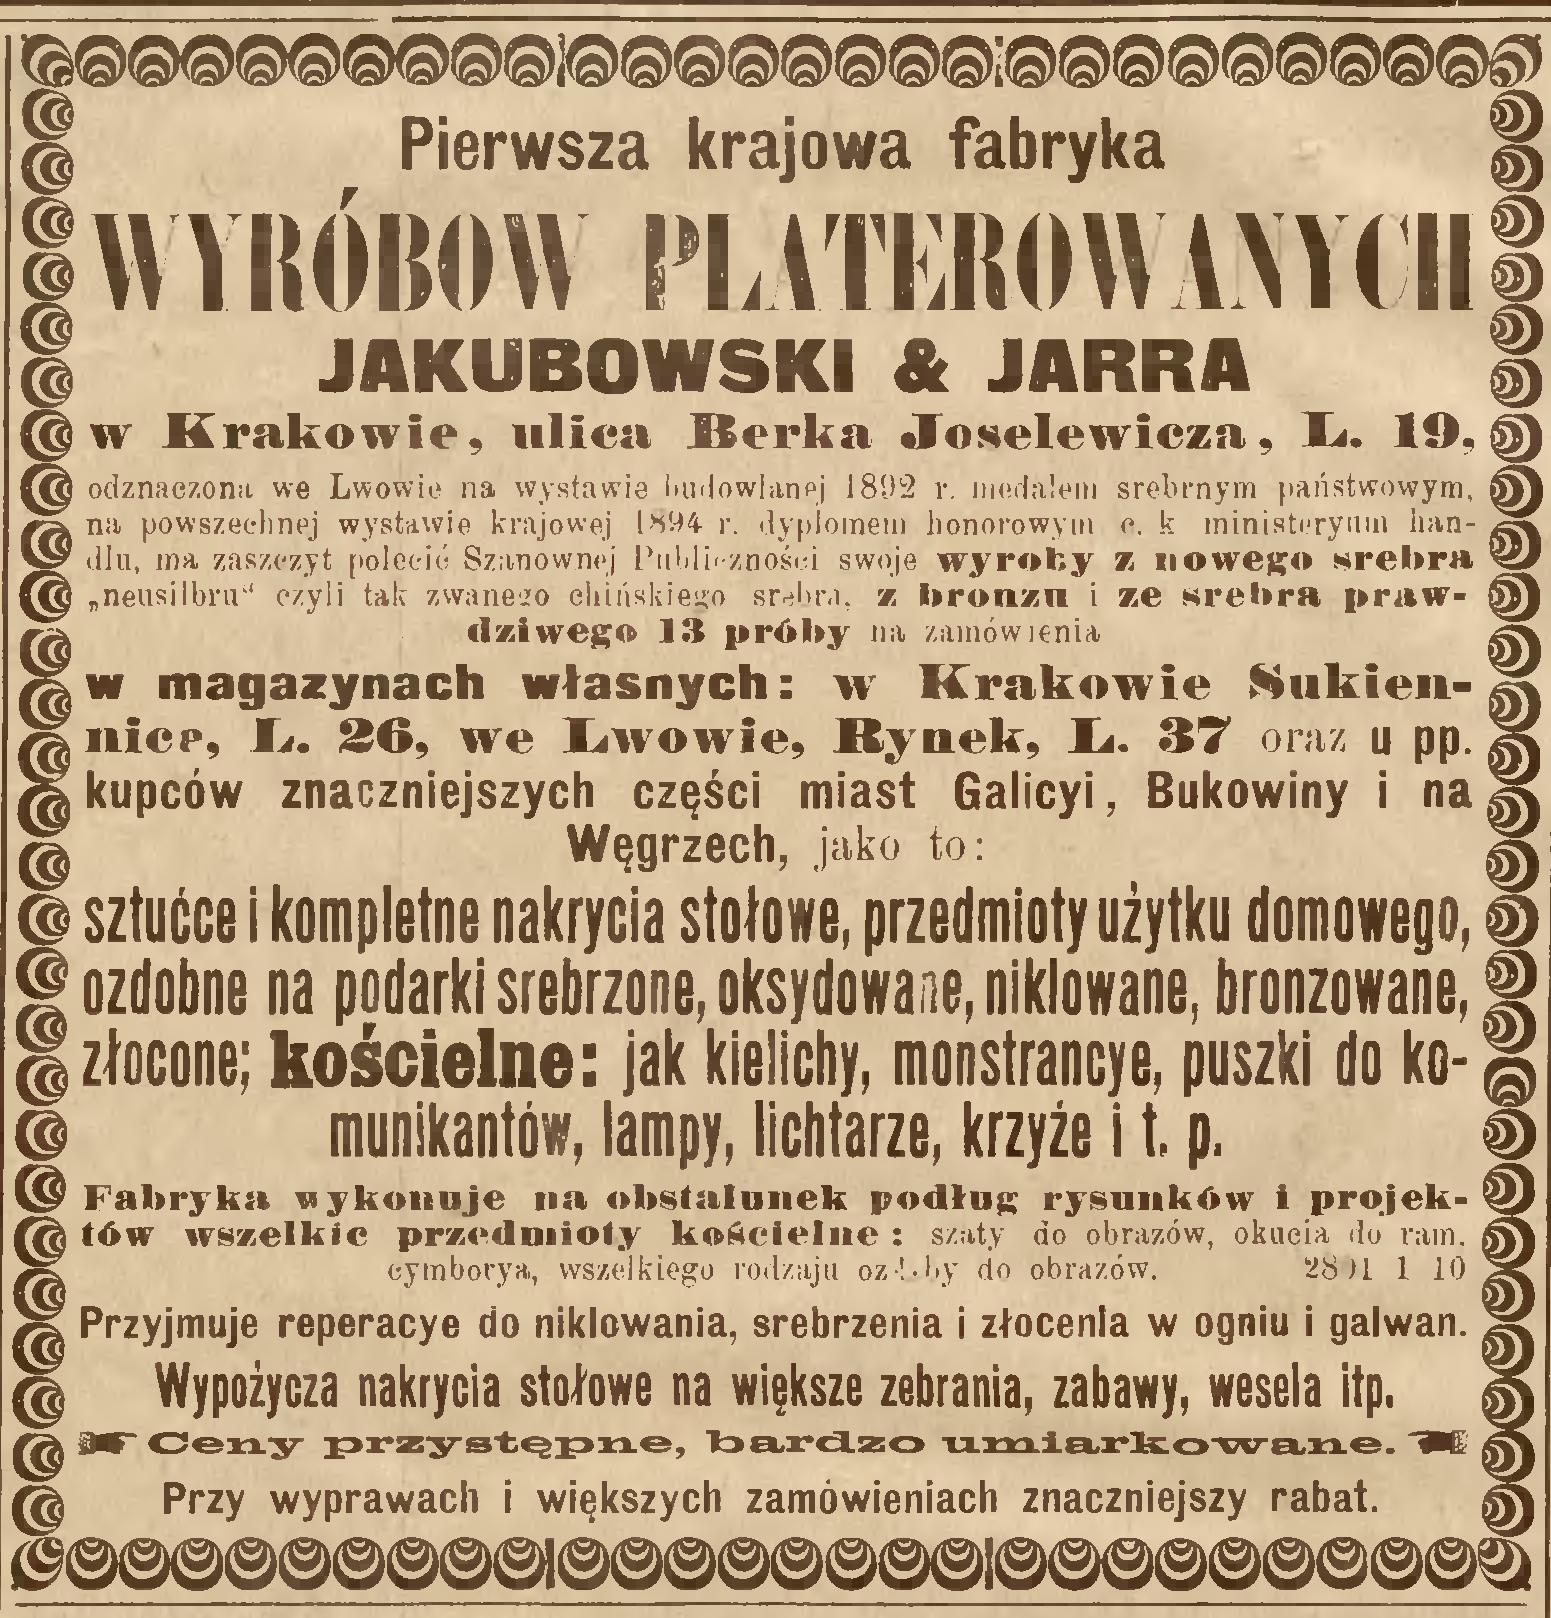 """Reklama firmy Jakubowski & Jarra w prasie, źródło: """"Nowa Reforma"""" 1895, nr 289 (15 XII)"""